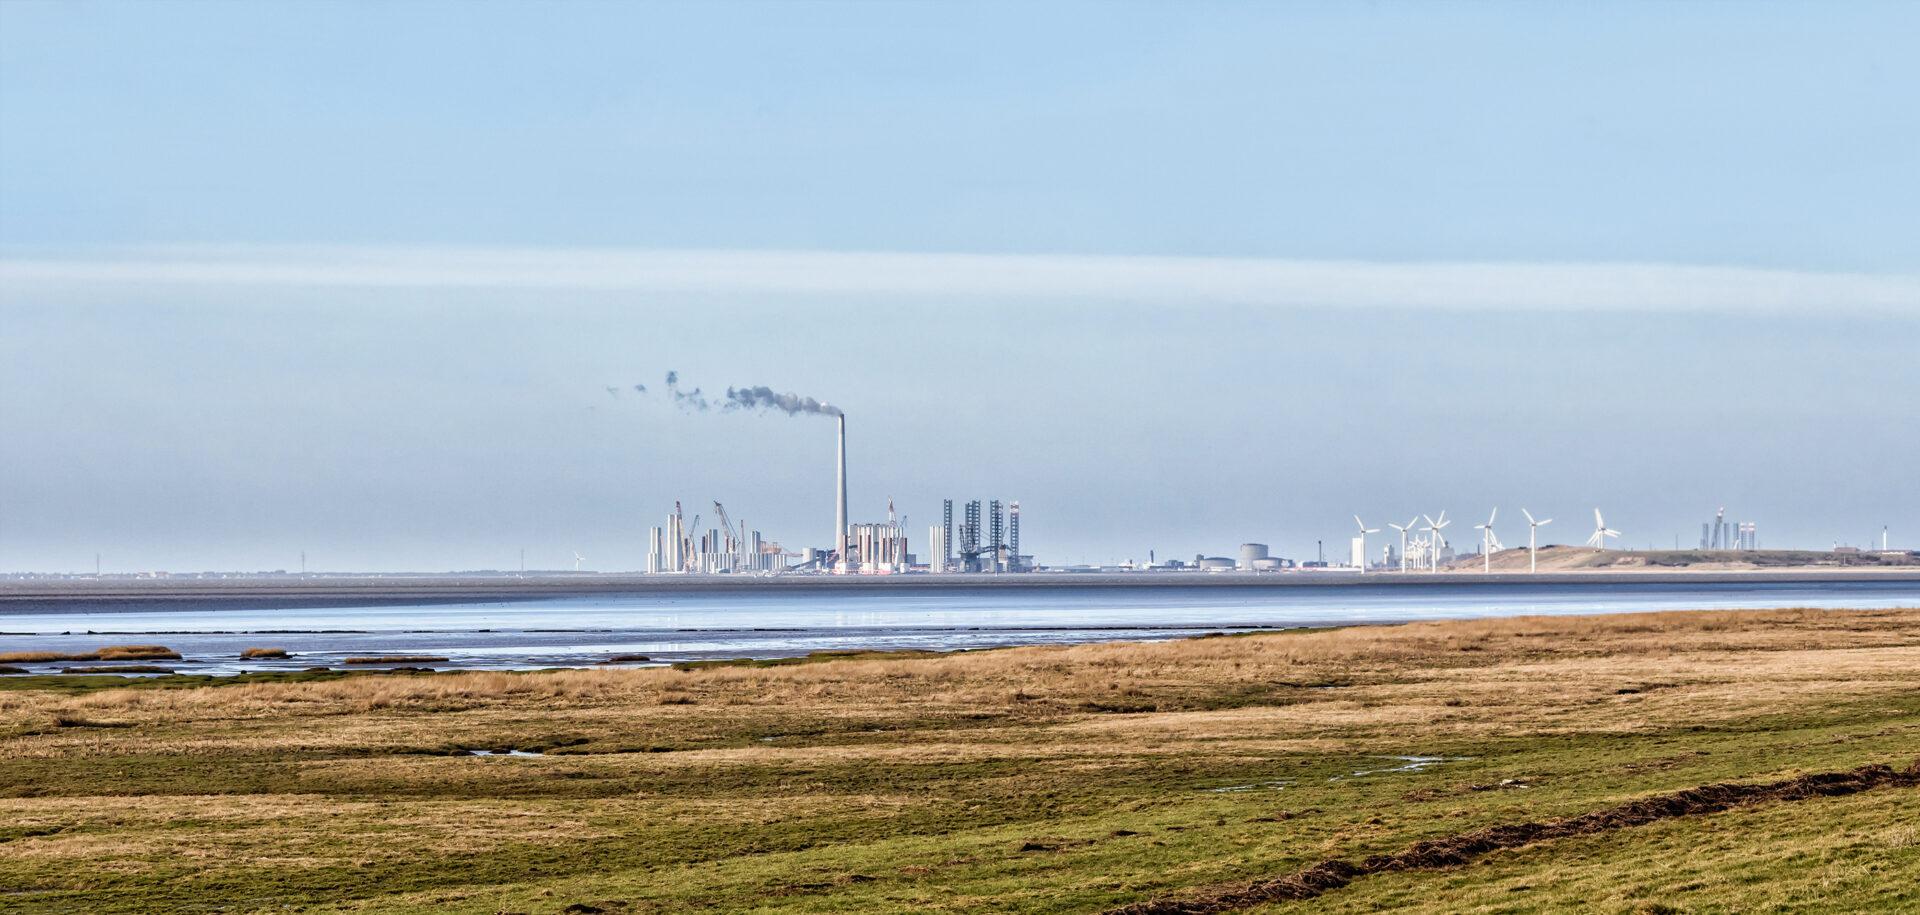 Das dänische Städtchen Esbjerg ist eine europäische Metropole für Windenergie.